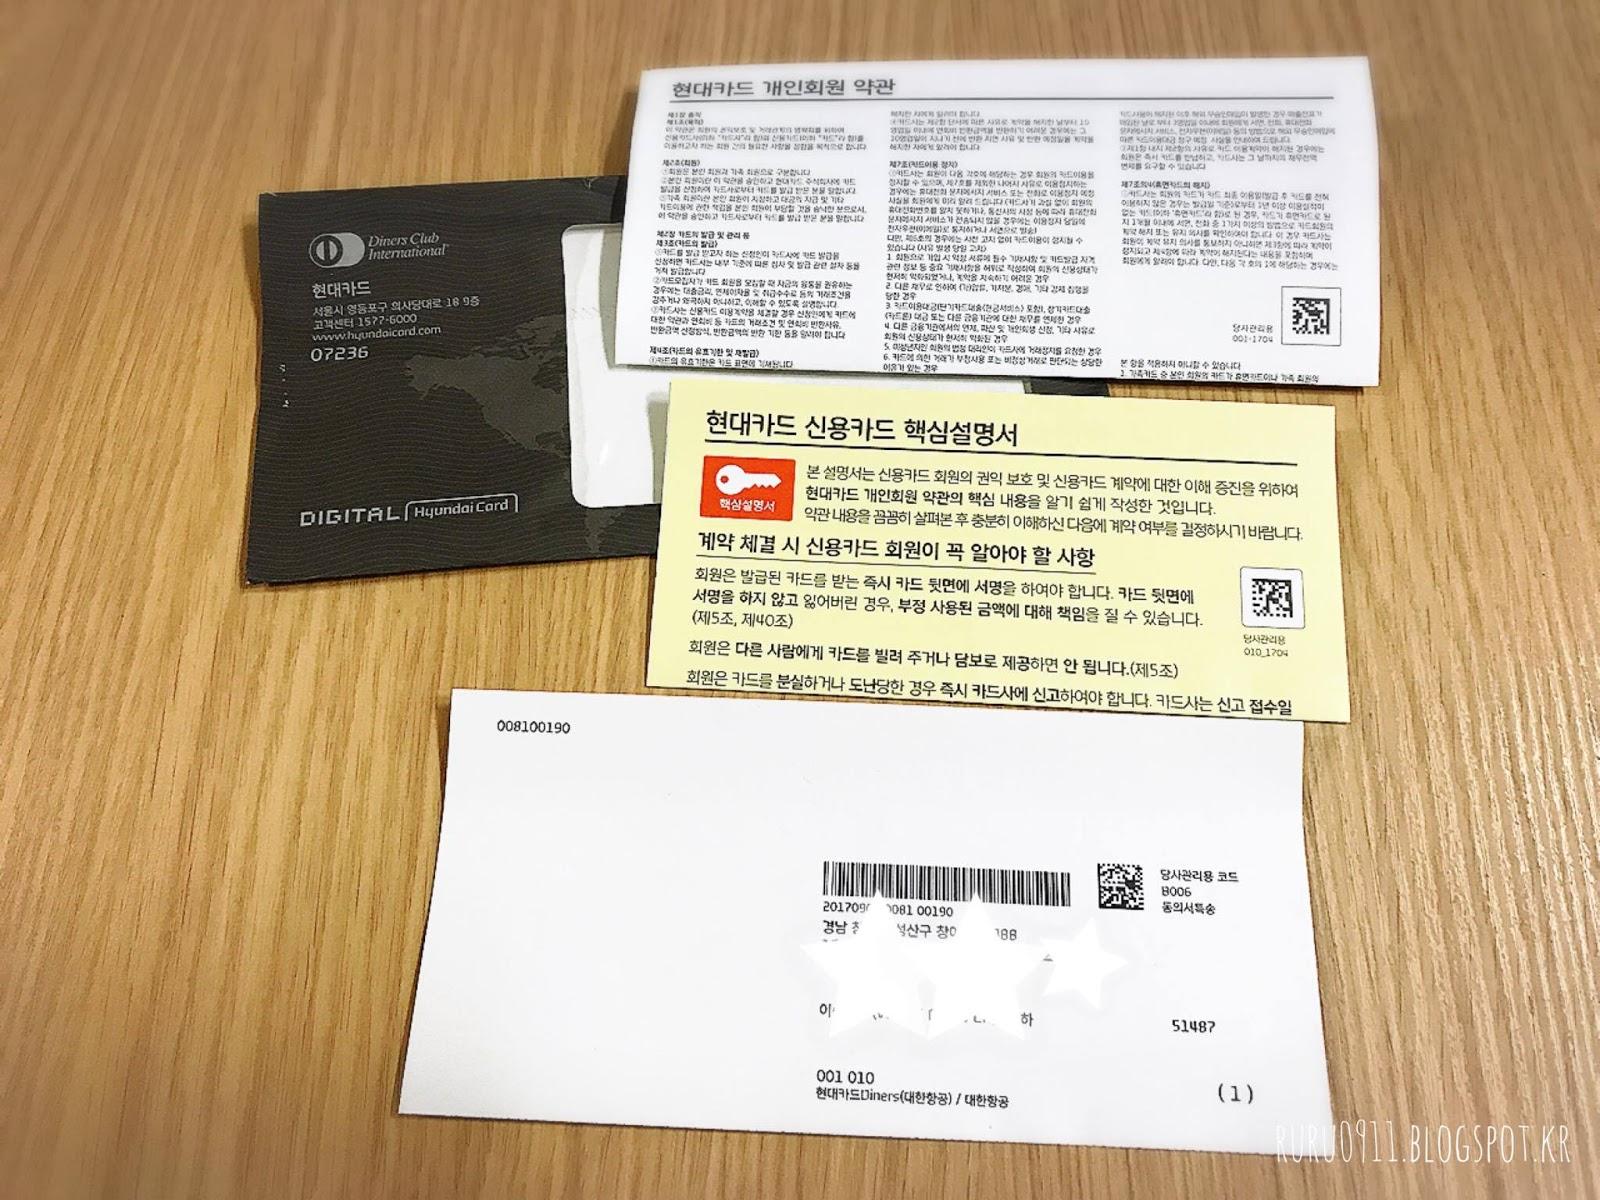 韓臺夫婦한대부부: 韓國   2017 申請韓國現代信用卡副卡 / 韓國Diners Card / 免費使用Diners Club機場貴賓室